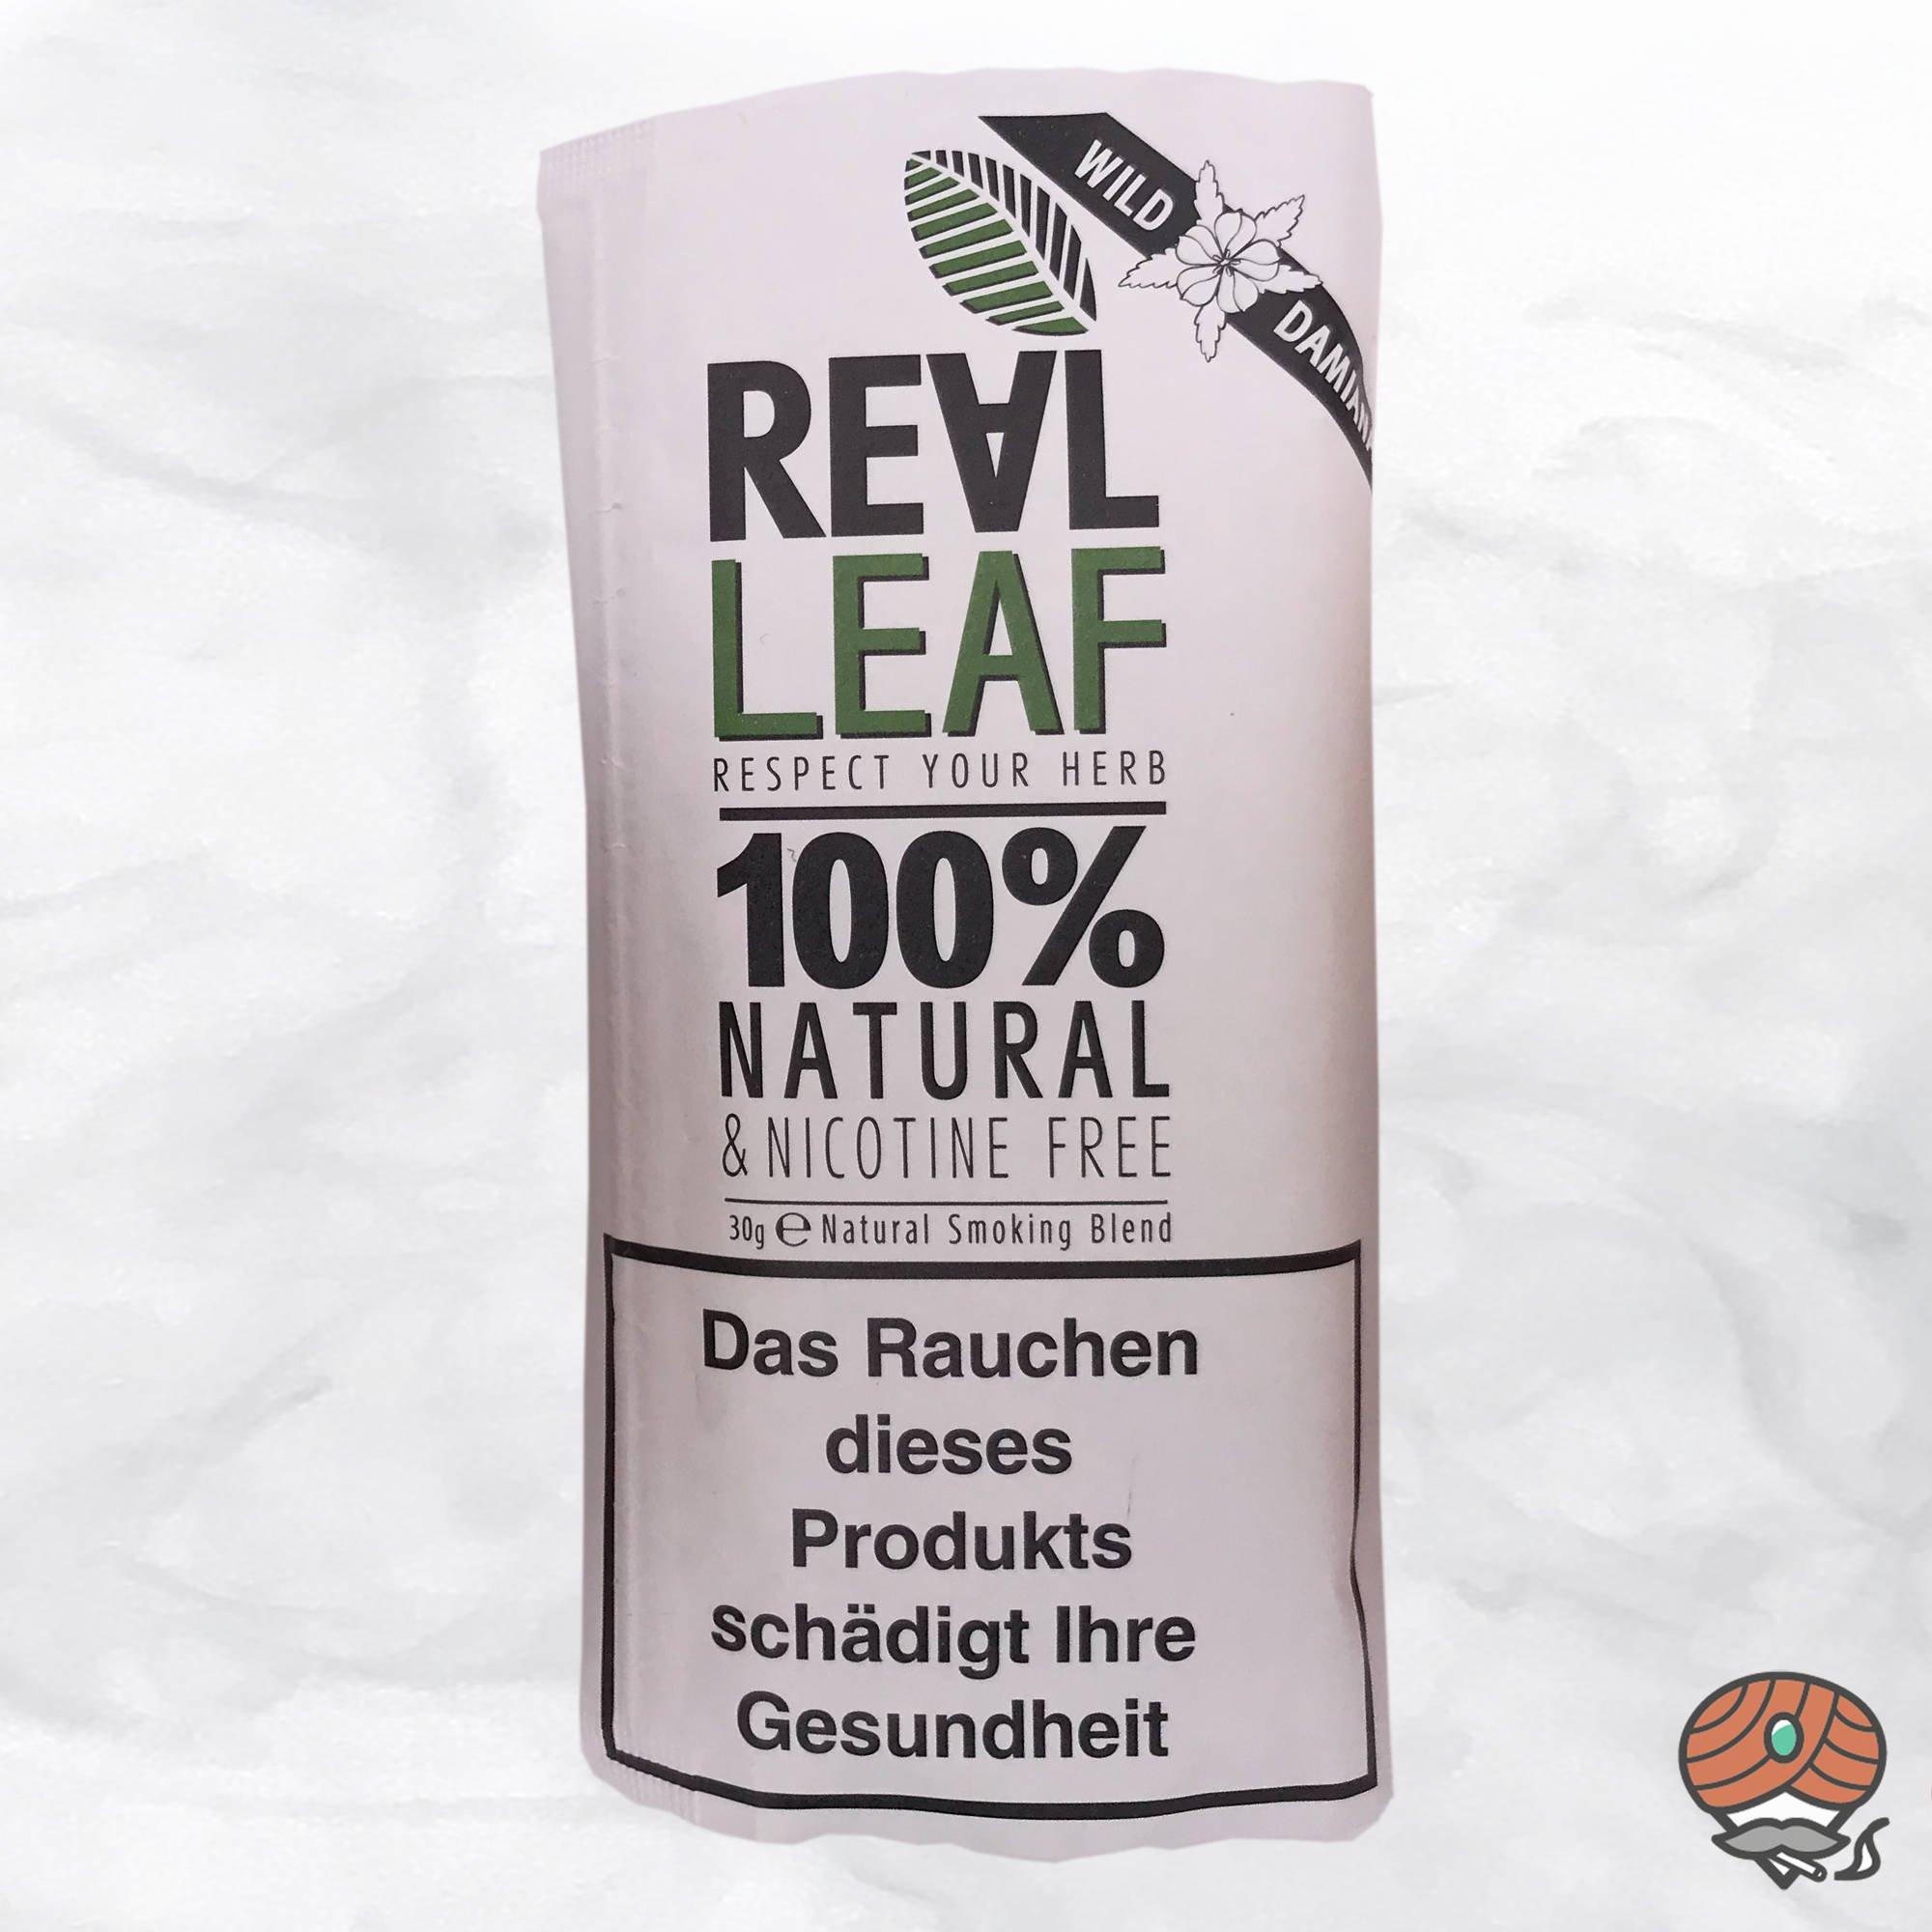 Real Leaf Wild Damiana, Tabakersatz, nikotinfrei, Kräutermischung 30g